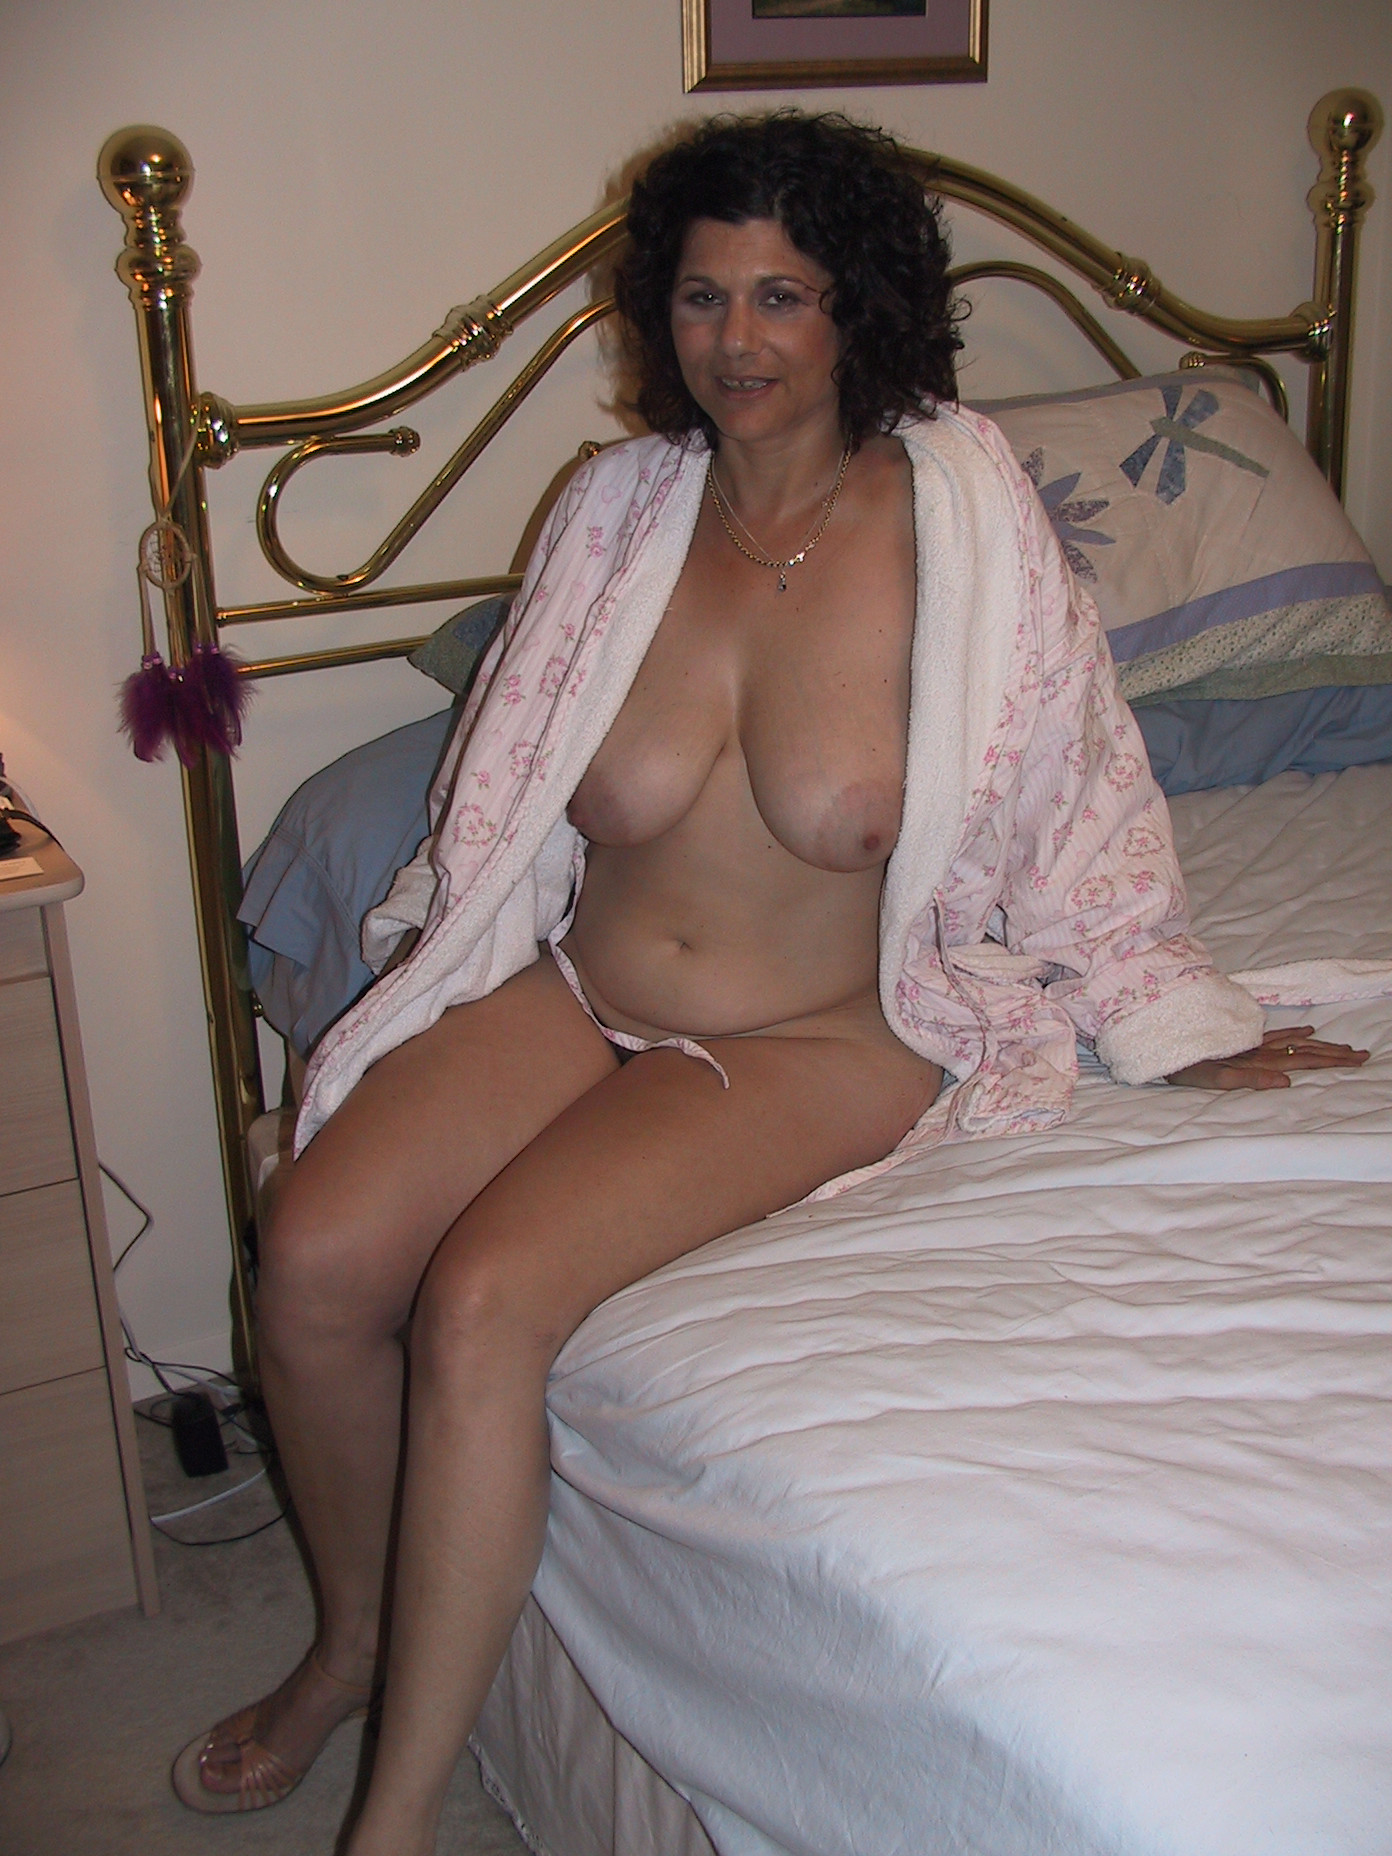 Смотреть халат пососала онлайн